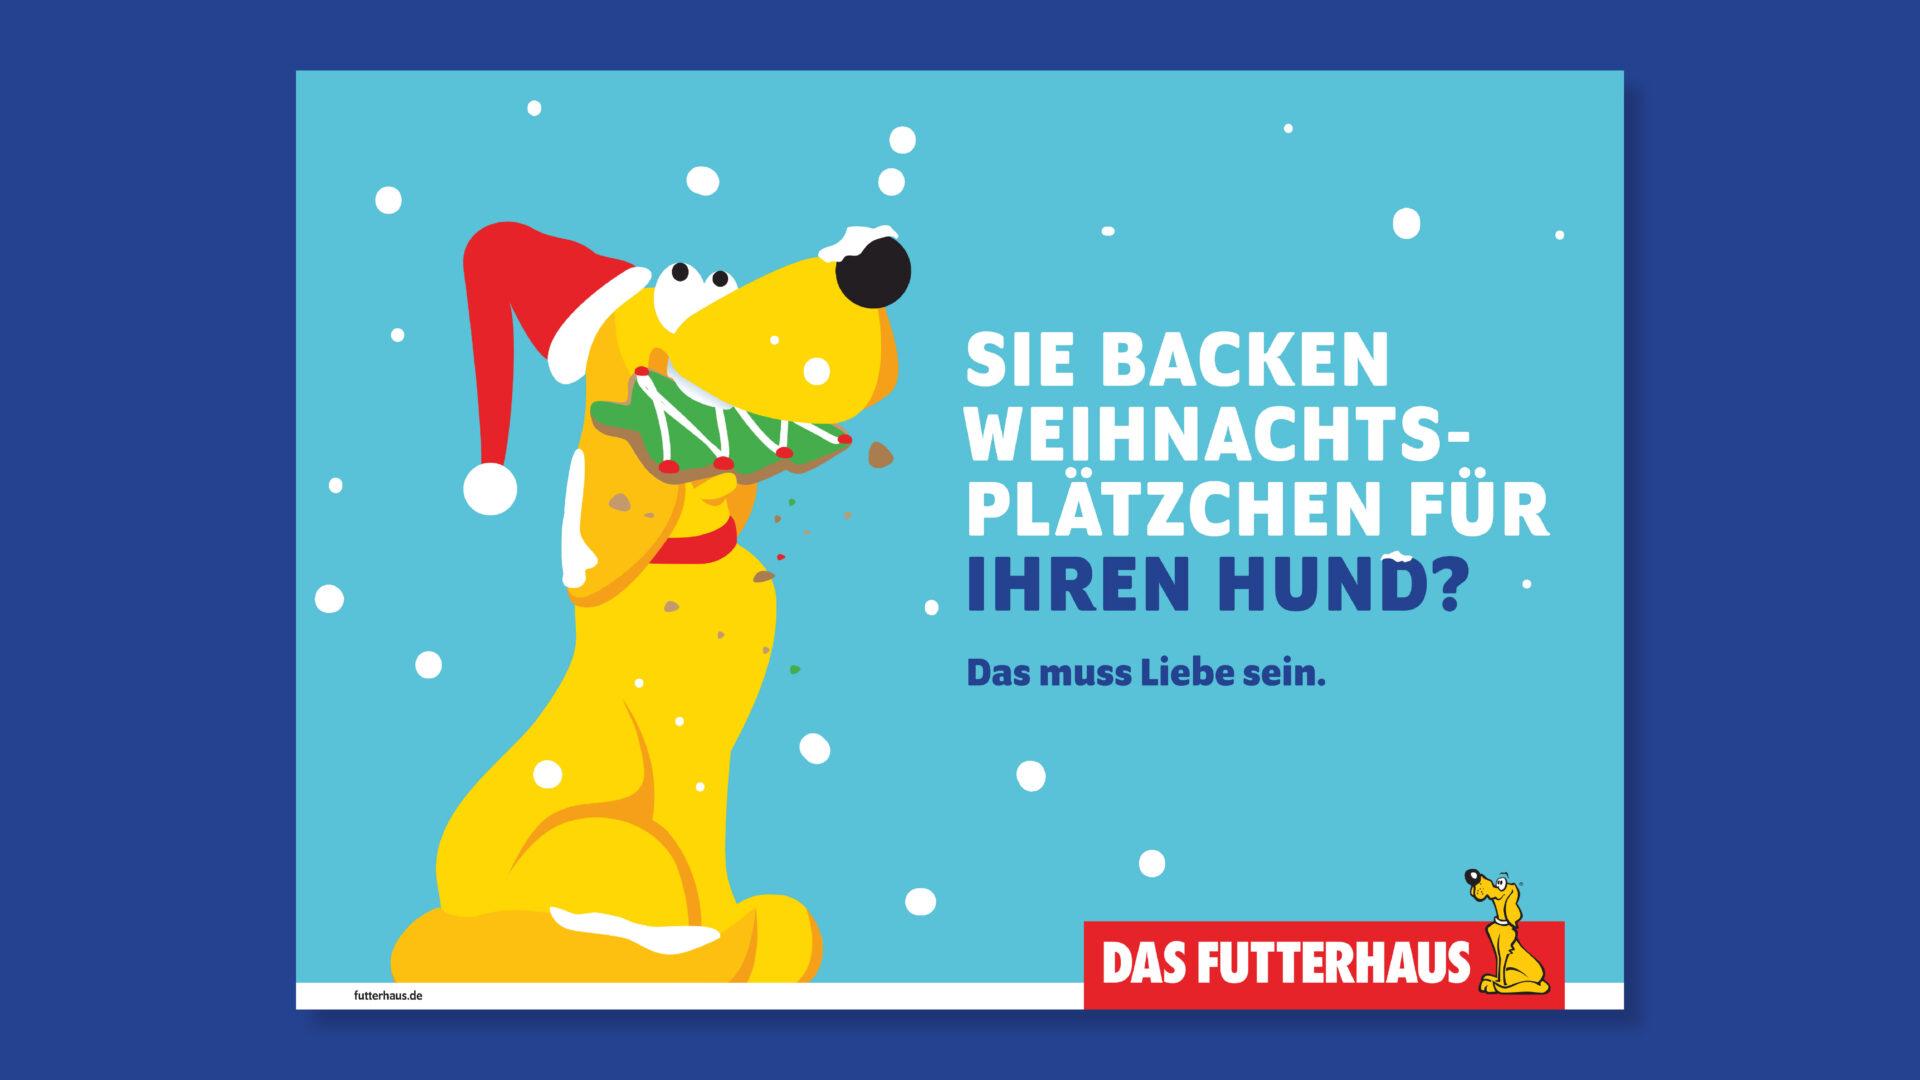 Futterhaus Anzeige